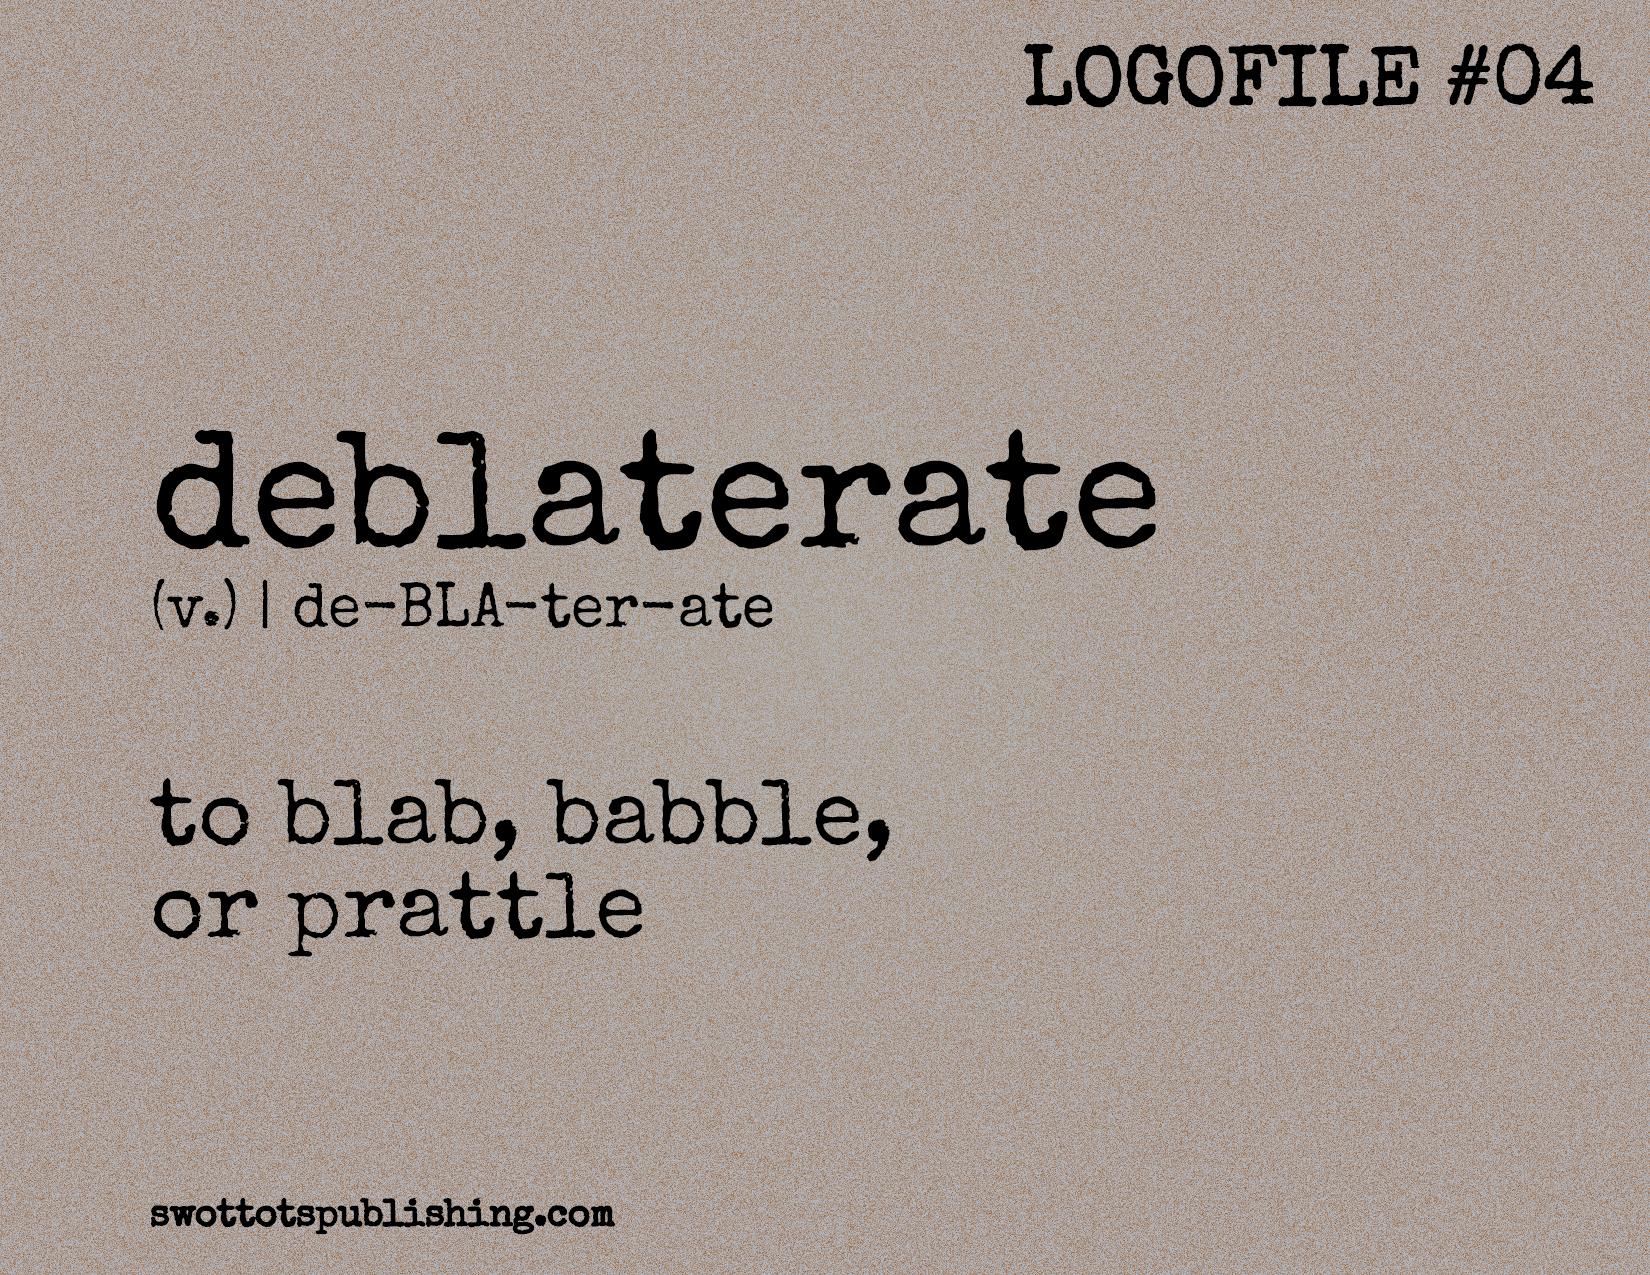 STP Logofile #04 | deblaterate (v.)